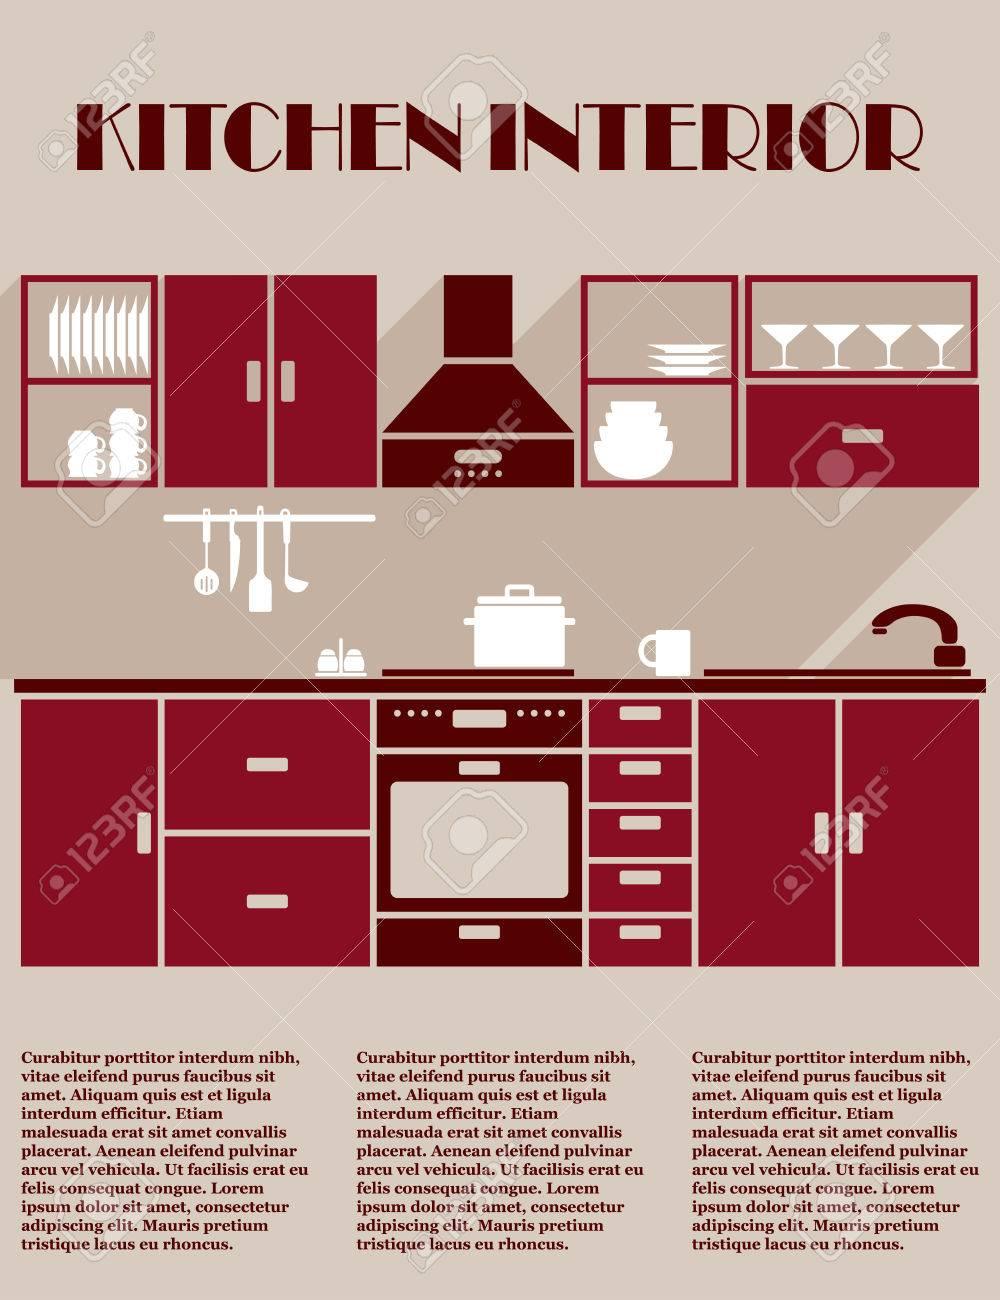 Full Size of Kitchen Interior Infographic Template Küche Einbauküche Mit Elektrogeräten